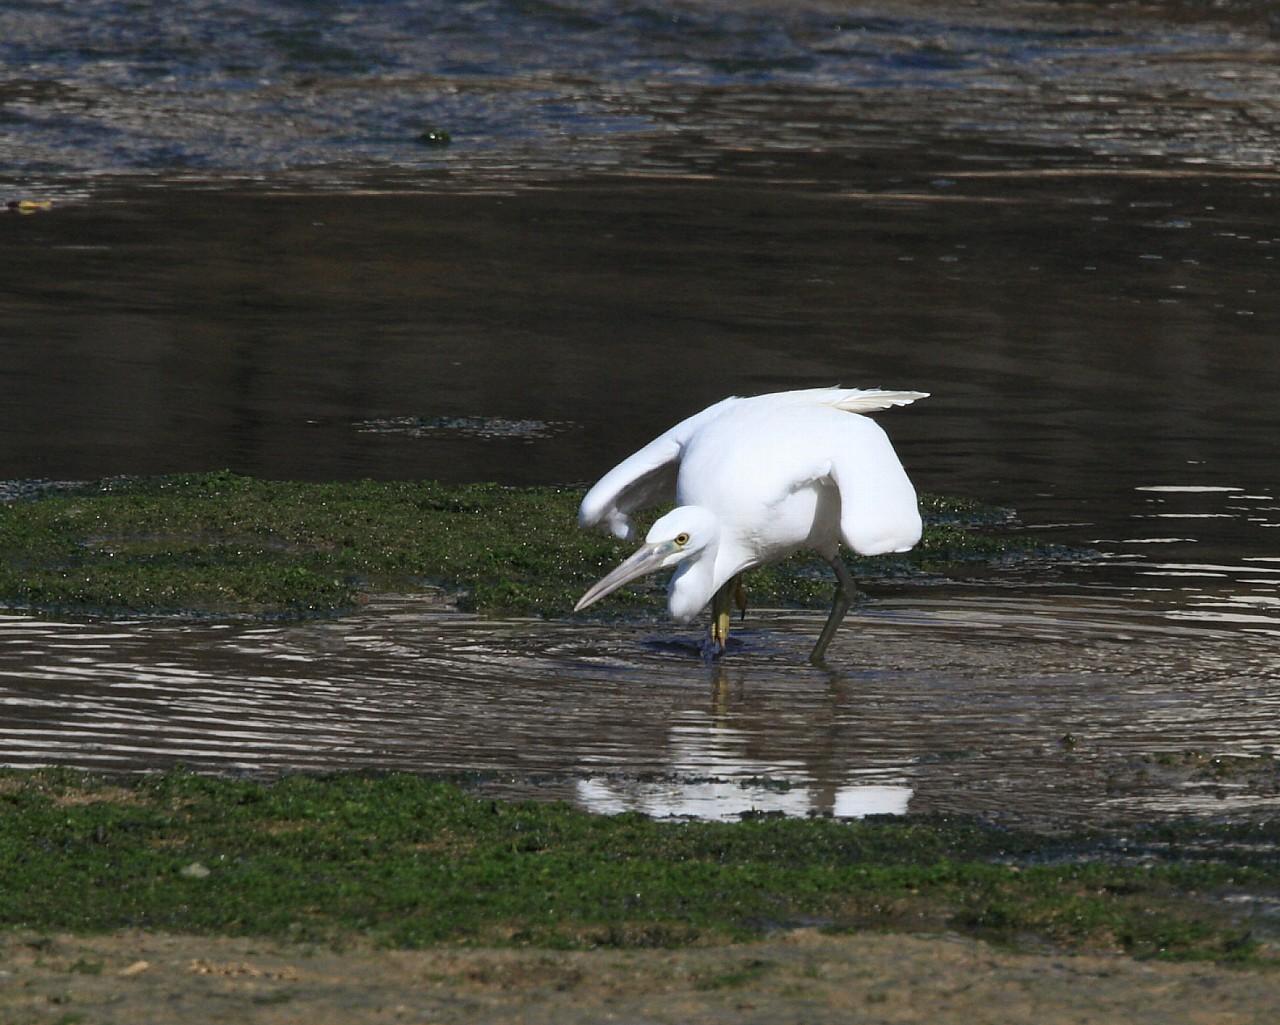 南の島遠征報告その11: 白いのにクロサギ?クロサギの白色型個体_f0105570_1124473.jpg